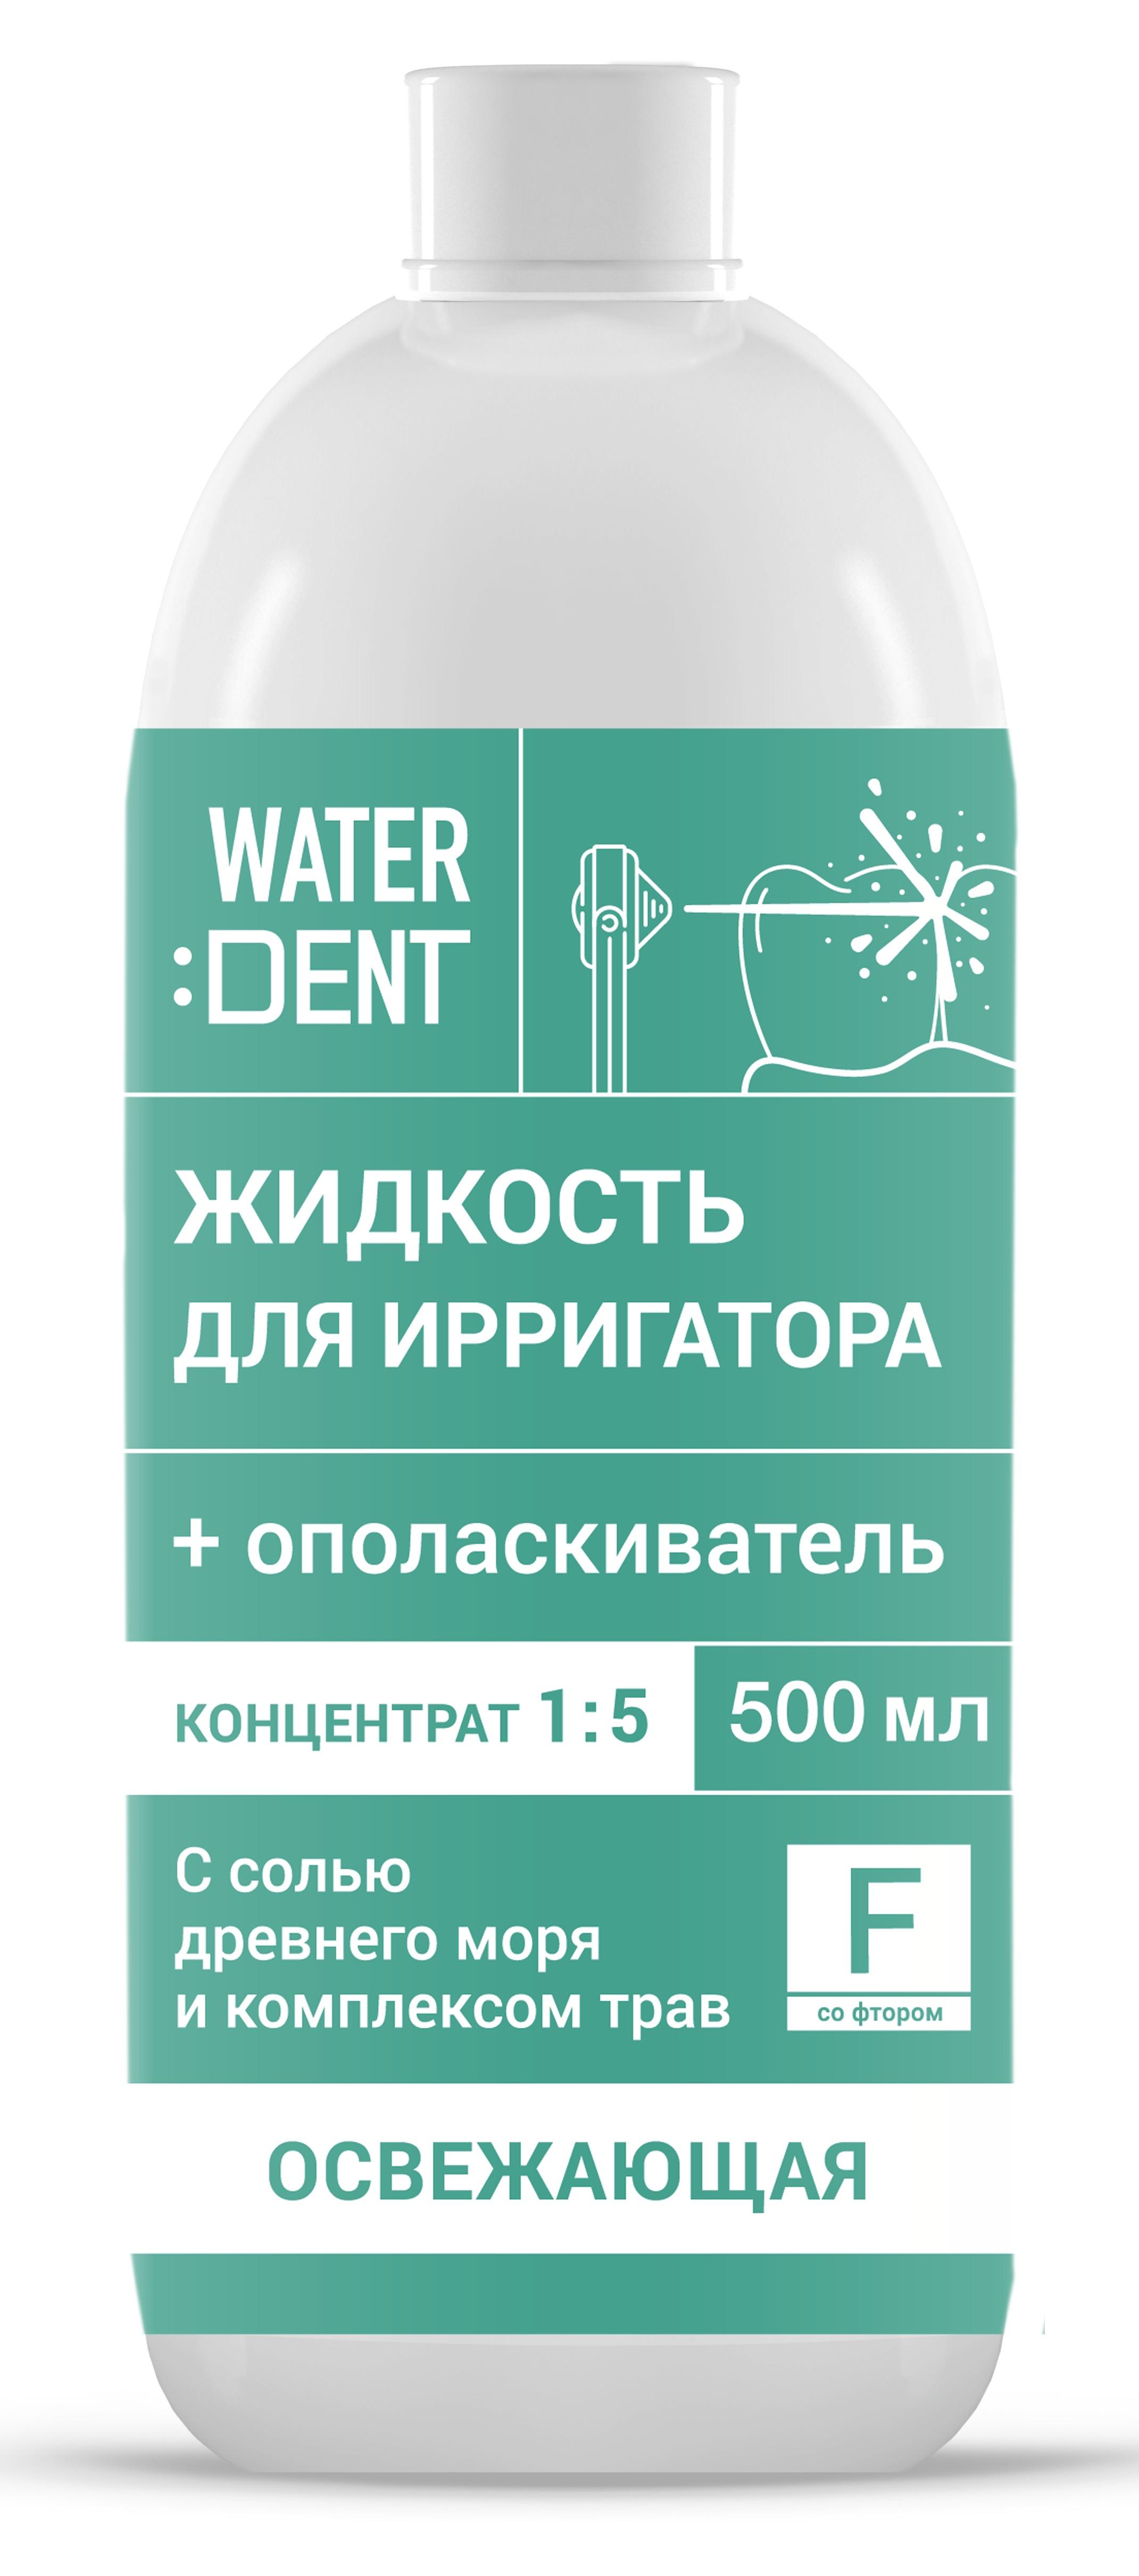 WATERDENT Жидкость для ирригатора, фитокомплекс со фтором (концентрат 1:5) 500 мл